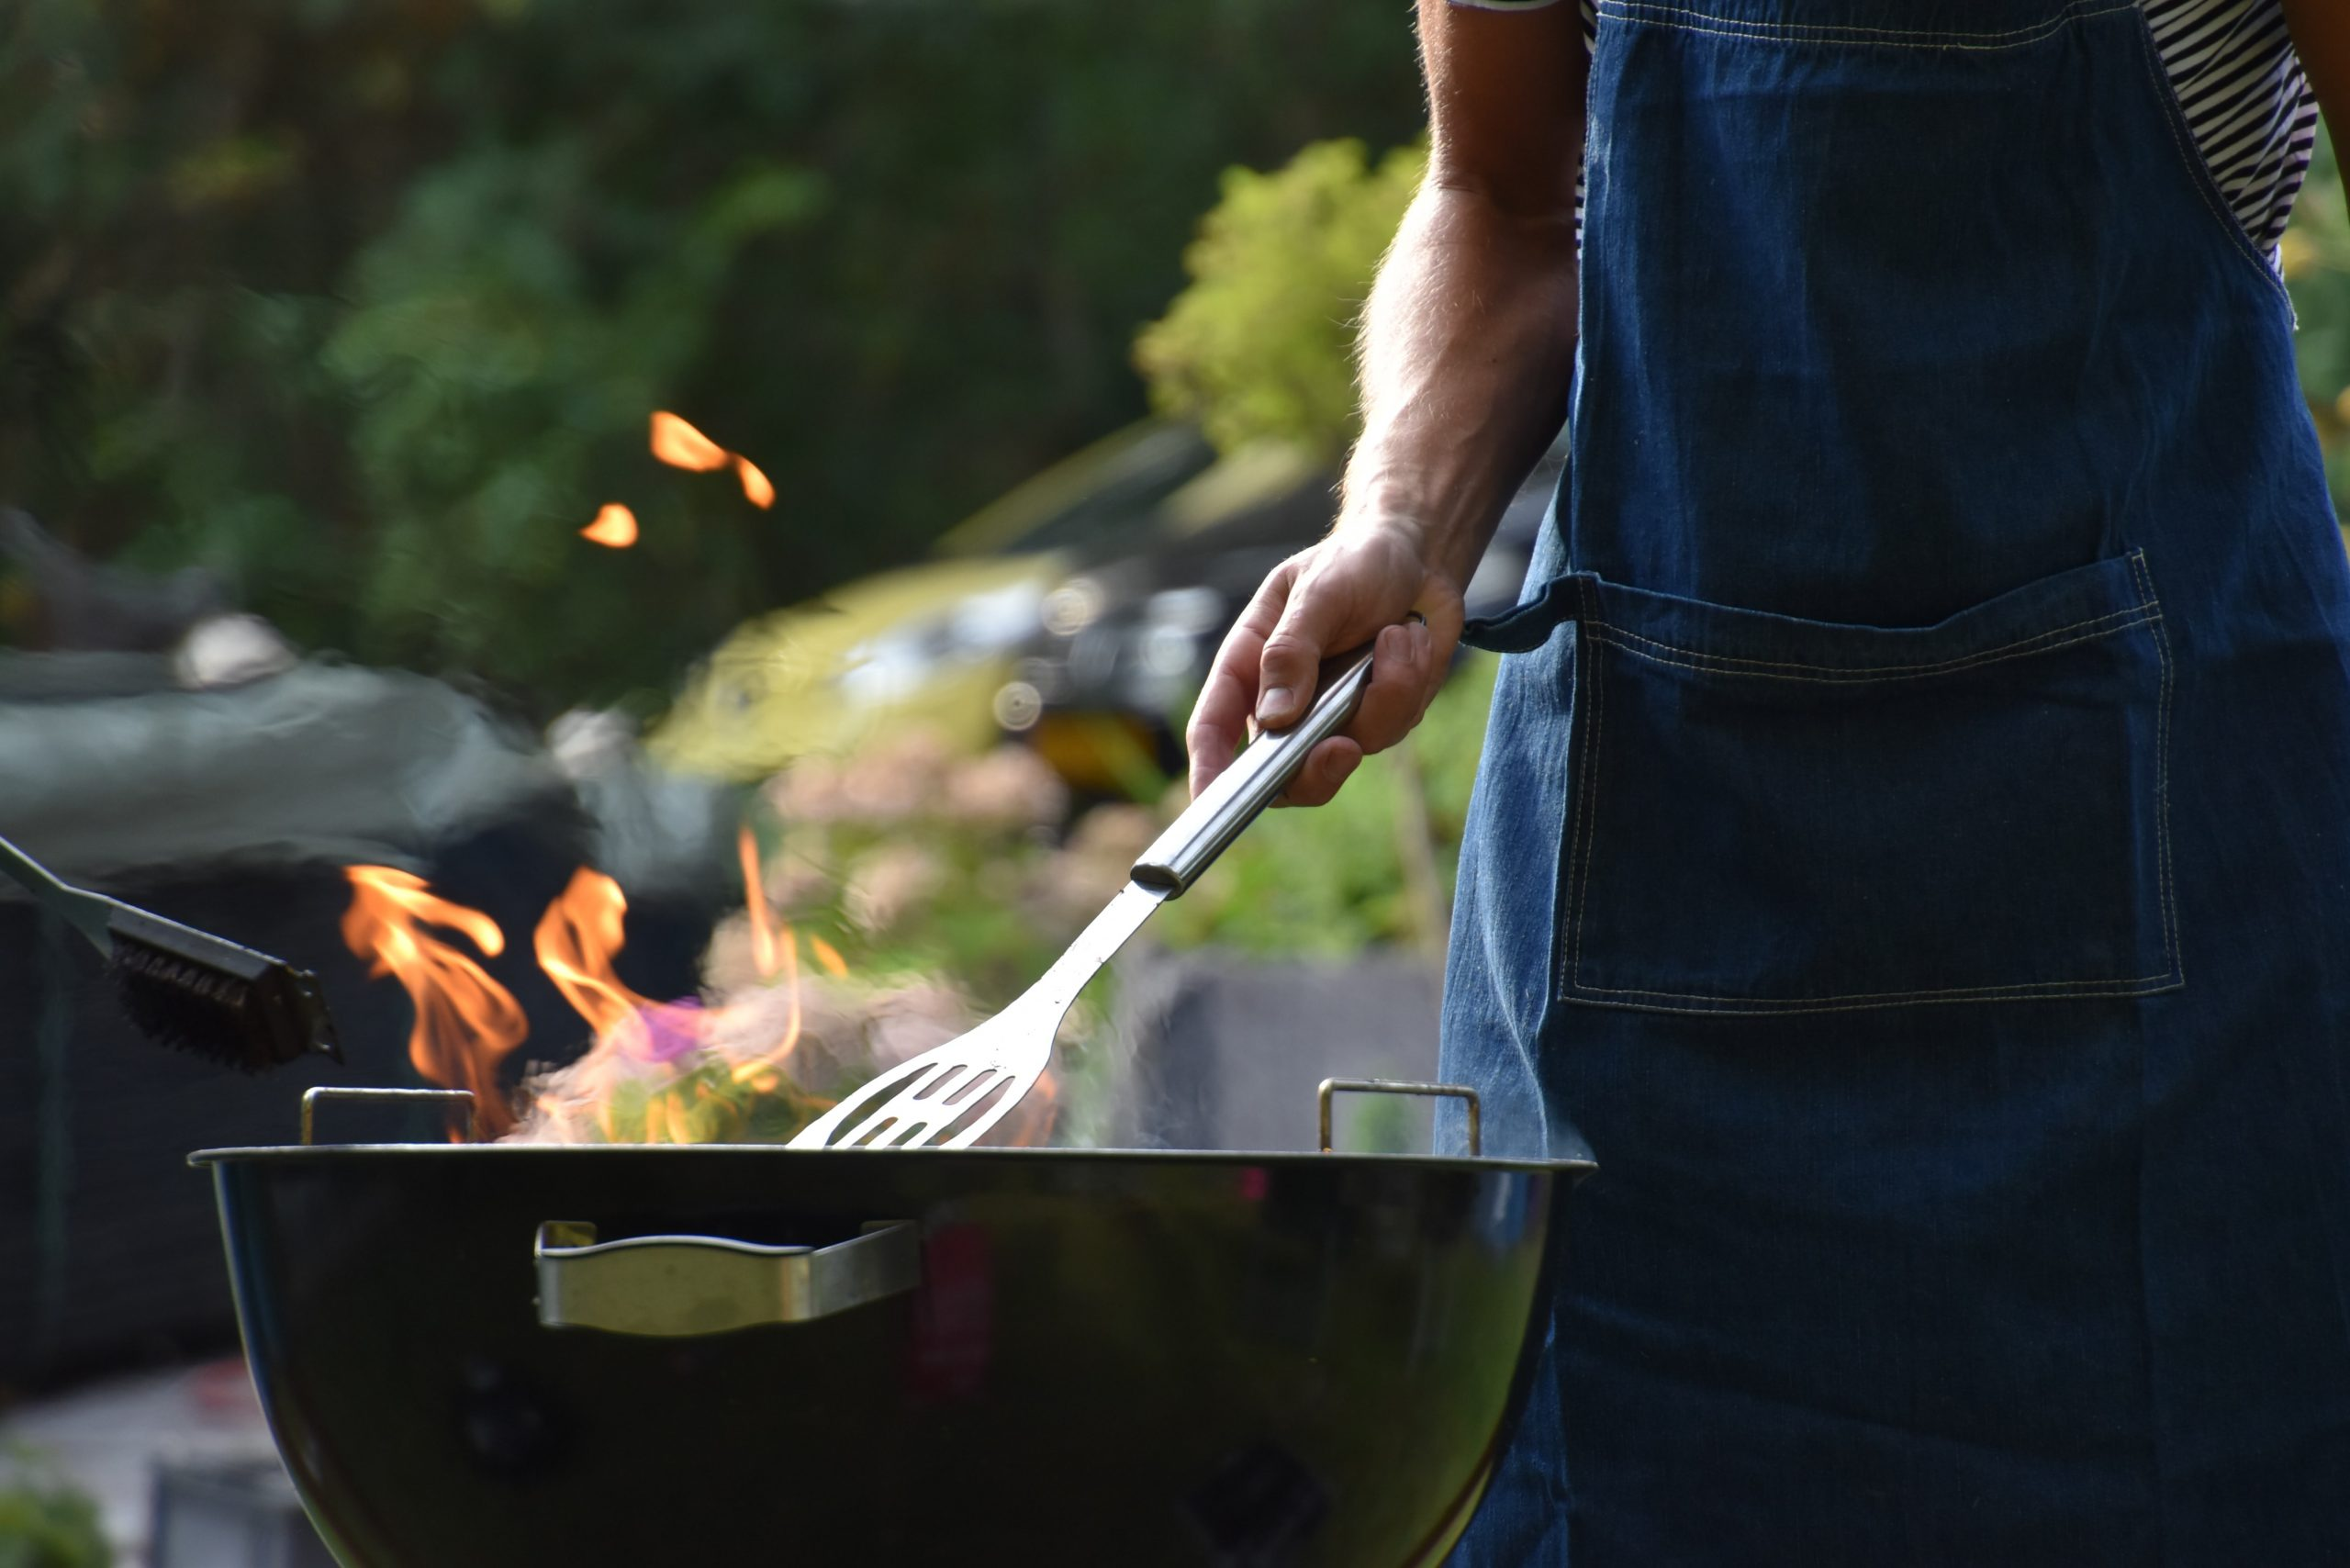 Na foto um homem usando avental na frente de uma churrasqueira.